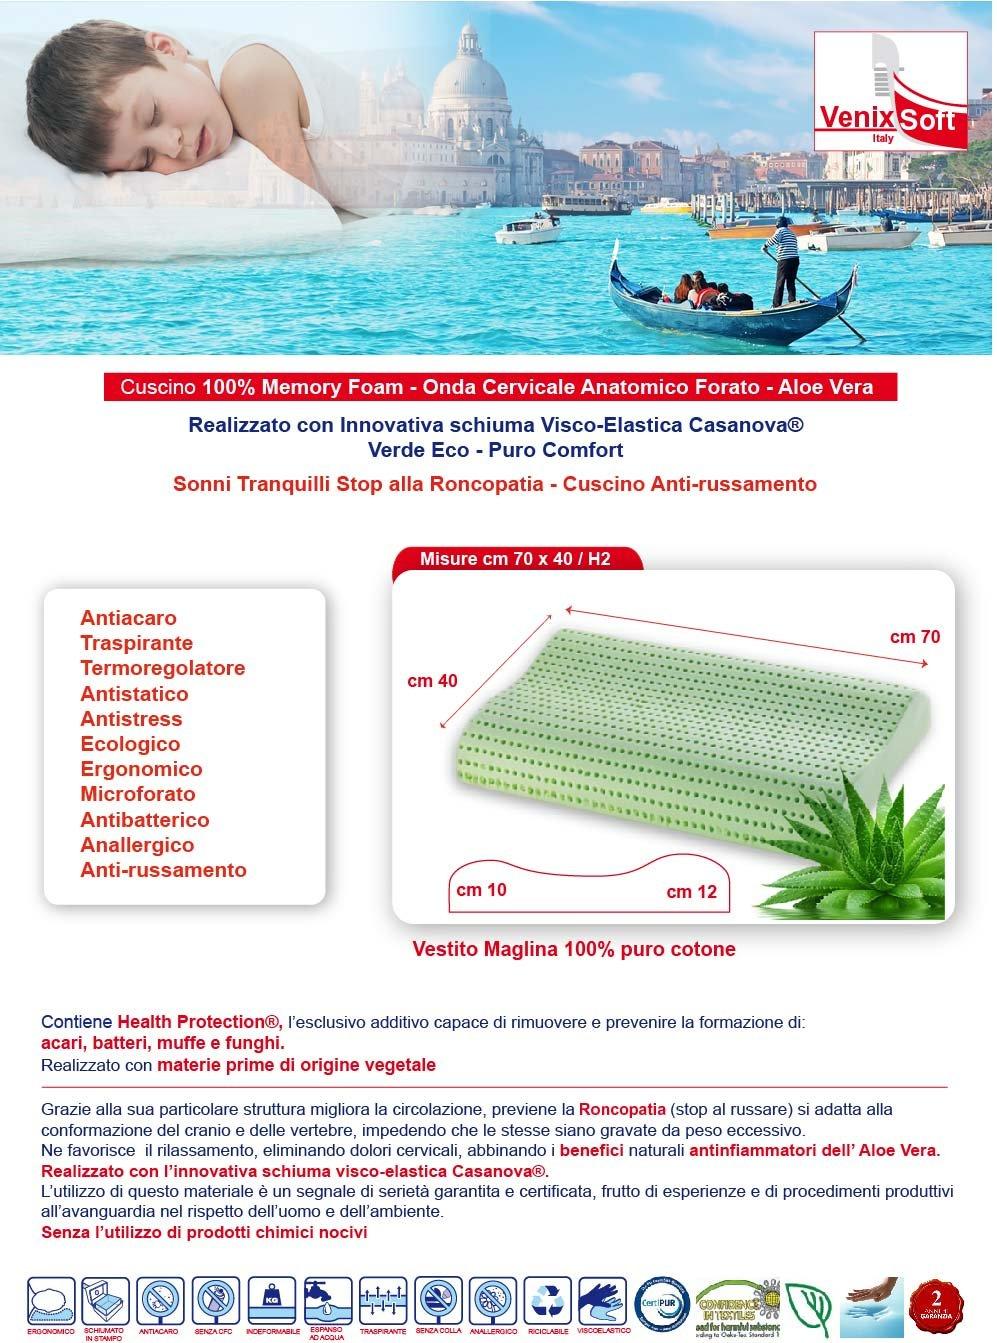 VENIXSOFT 4 Almohadas Memory Foam transpirable de Linfa de Aloe Vera efecto relajante y riposante-dispositivo médico Clase I-fodera algodón extraíble.